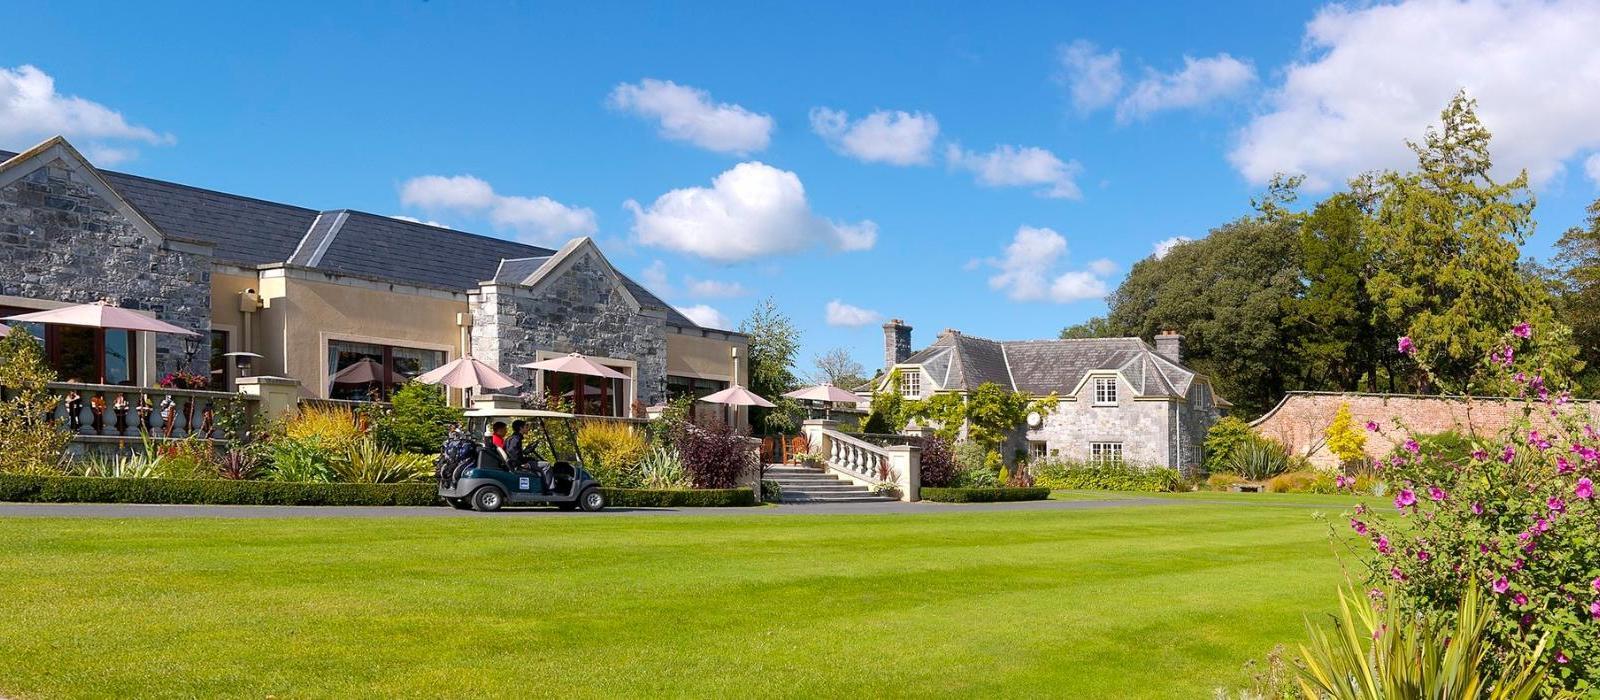 阿黛尔庄园高尔夫度假酒店(Adare Manor) 图片  www.lhw.cn